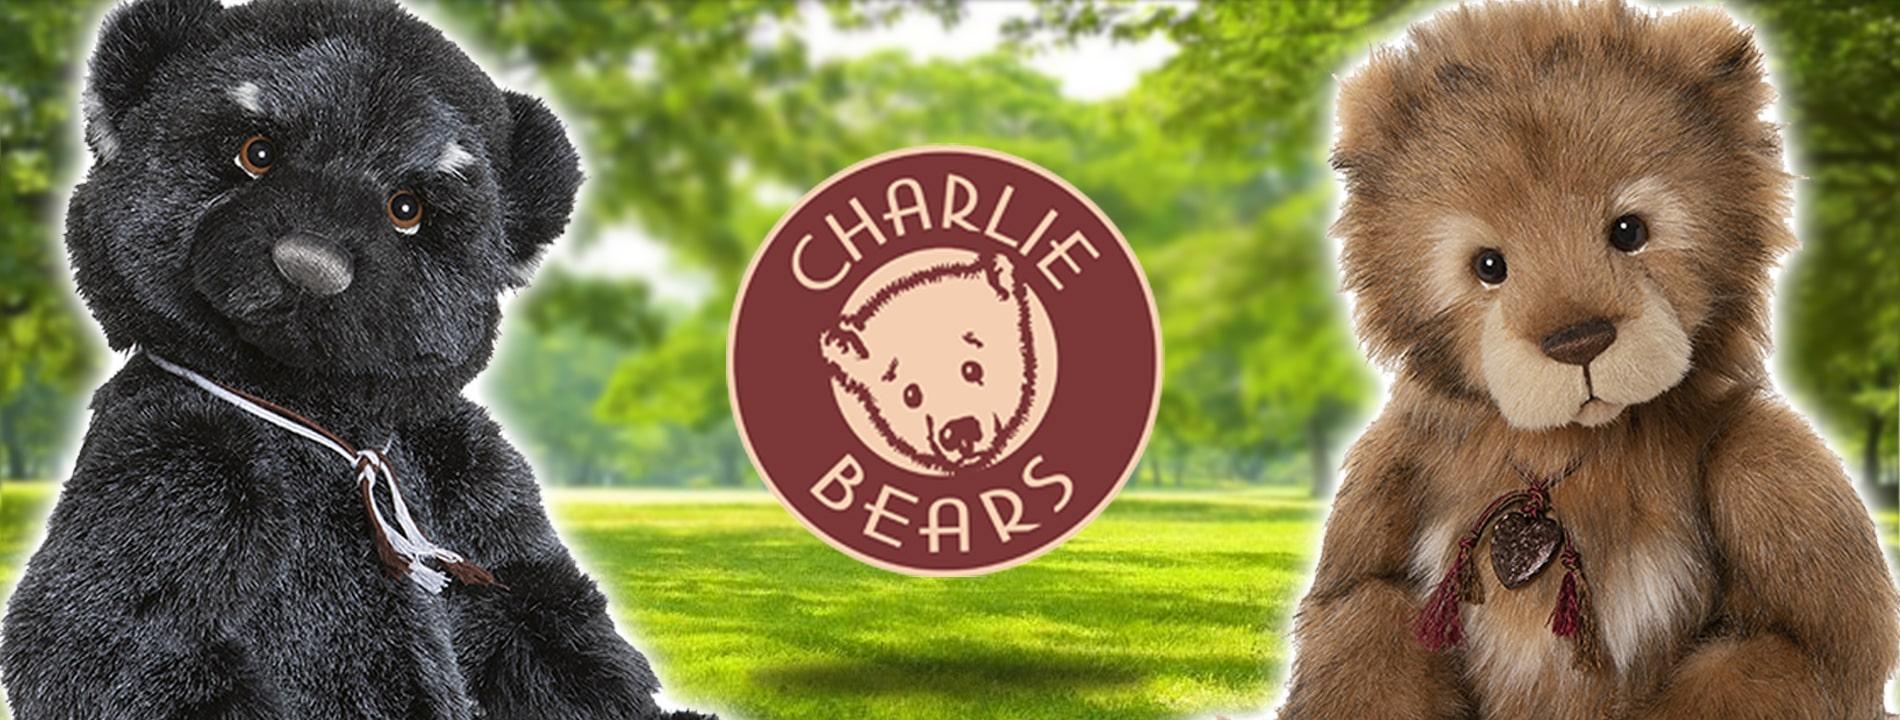 Charlie Bears Banner 2